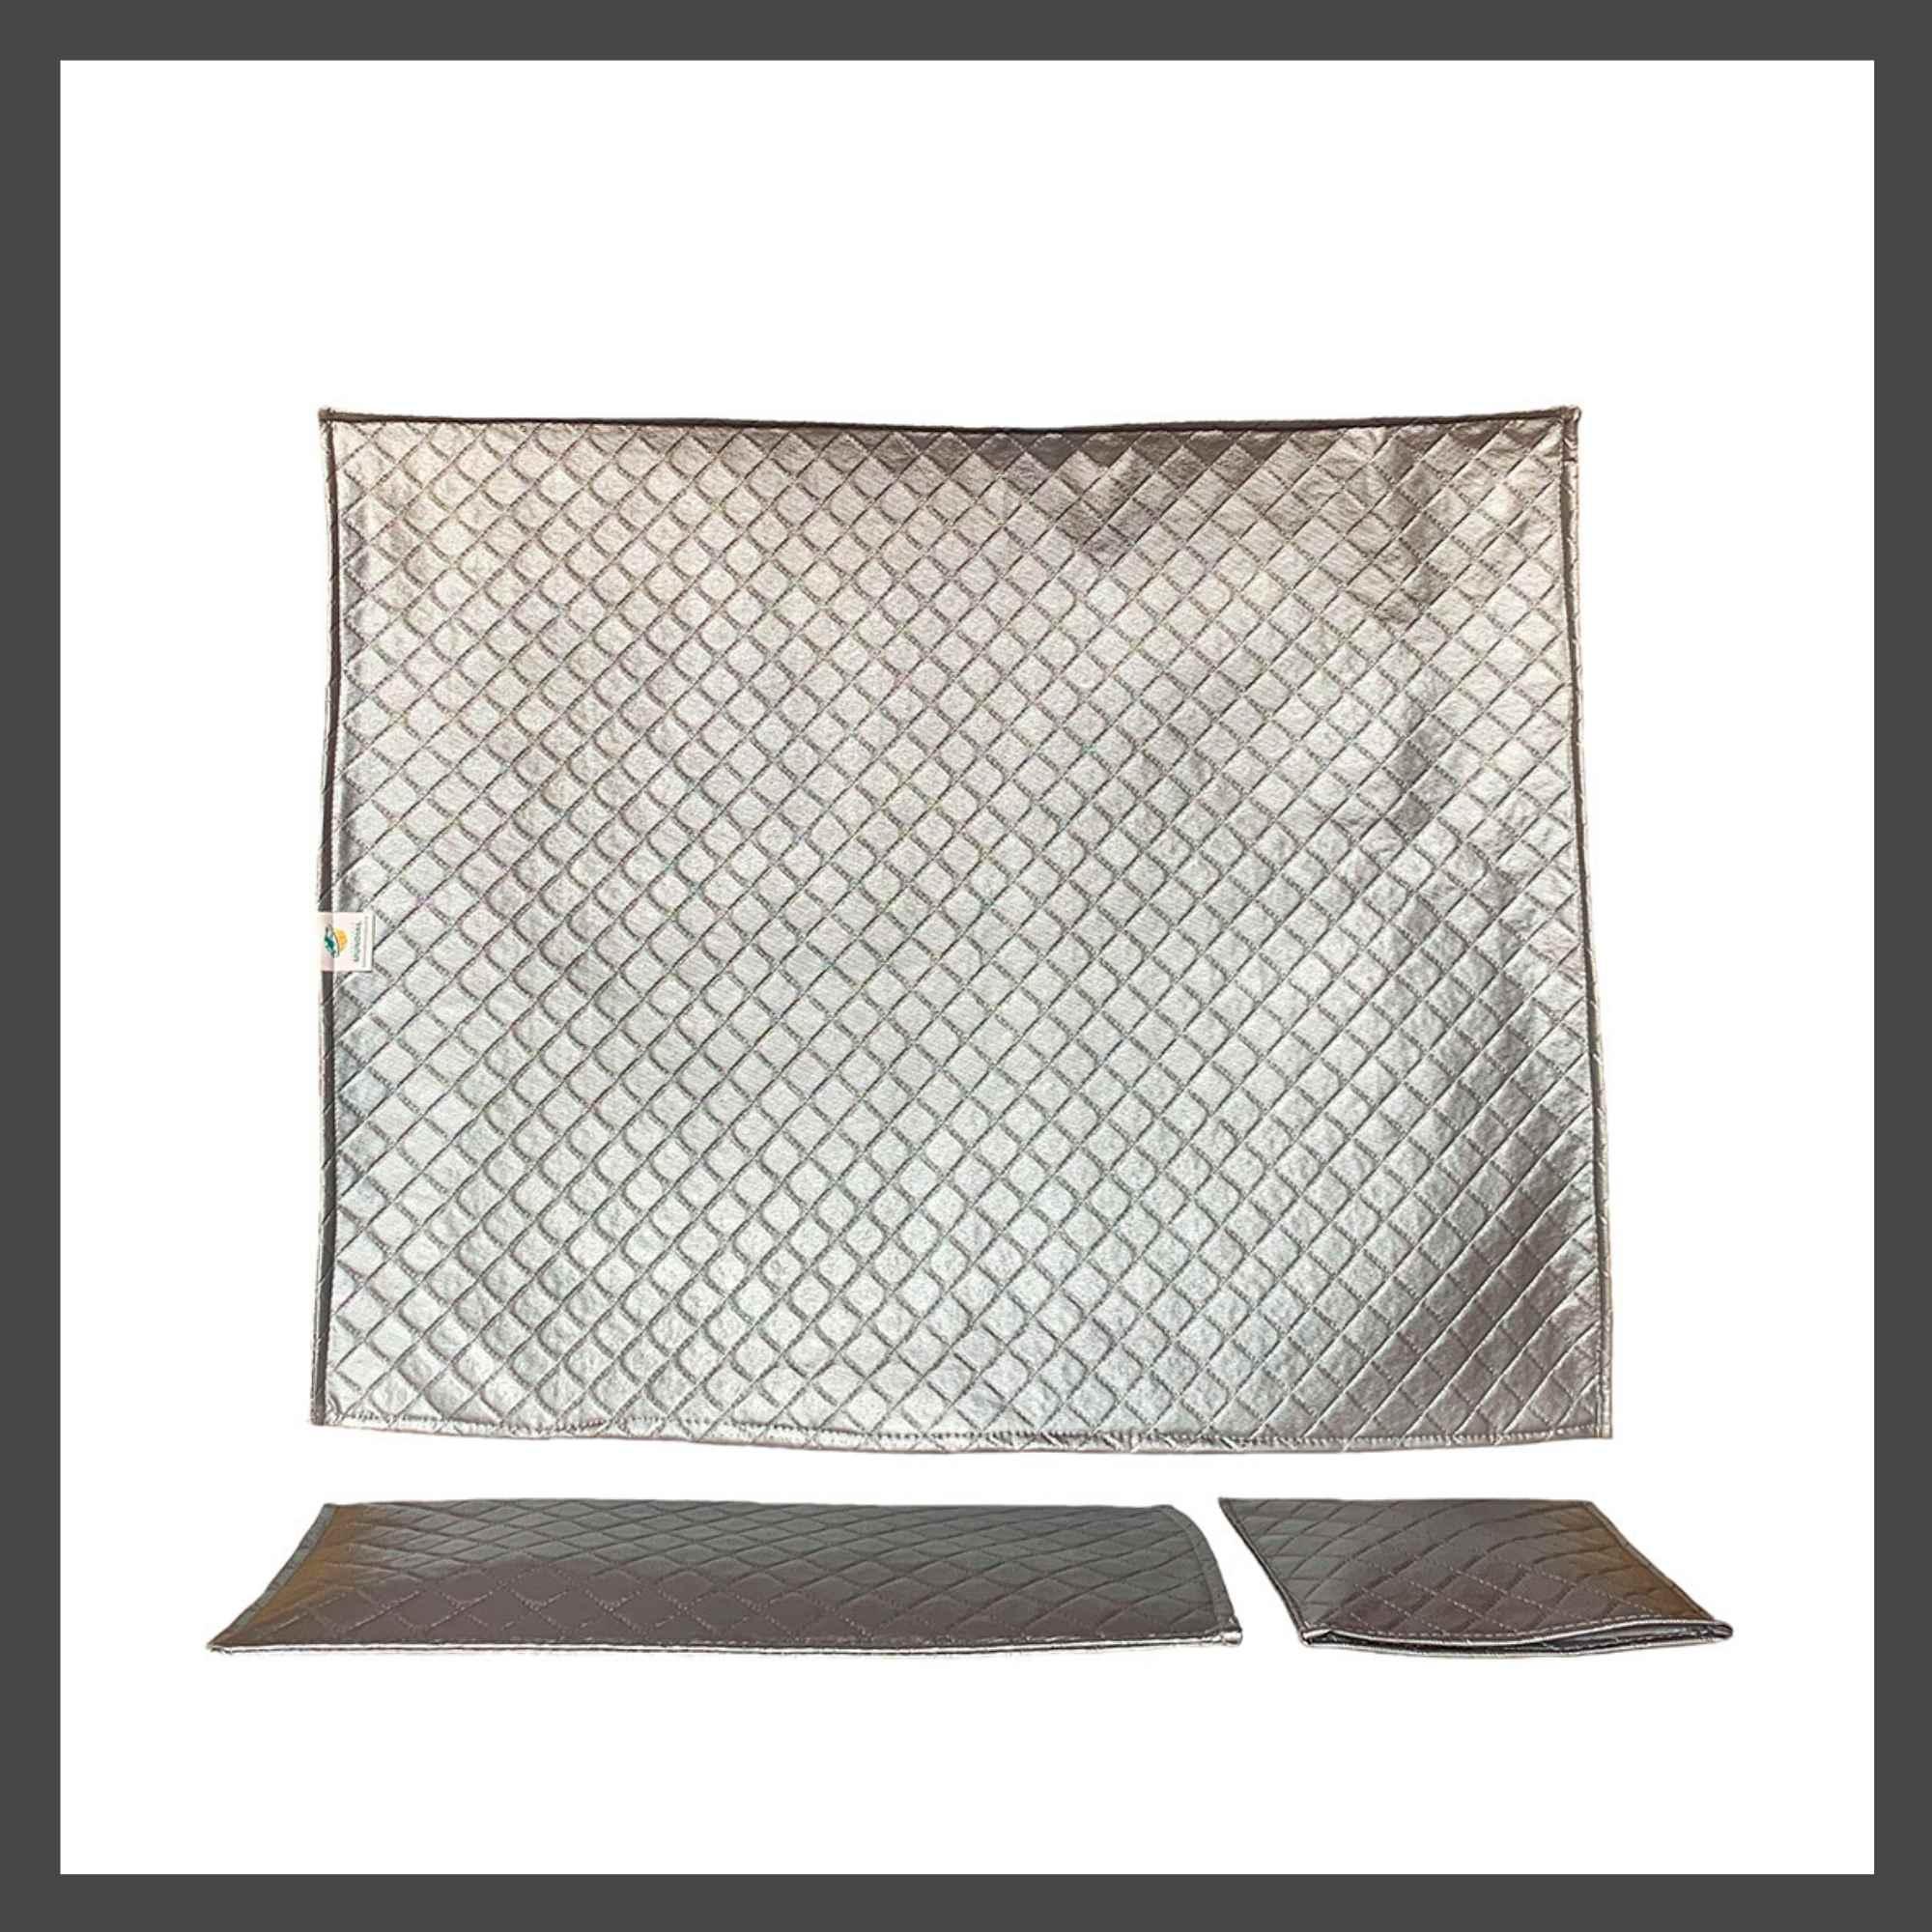 Case para Imac de  21 Polegadas na cor  Prata Cinza com  Capa de Teclado e  Capa Mouse em Corino Impermeável Super Luxo